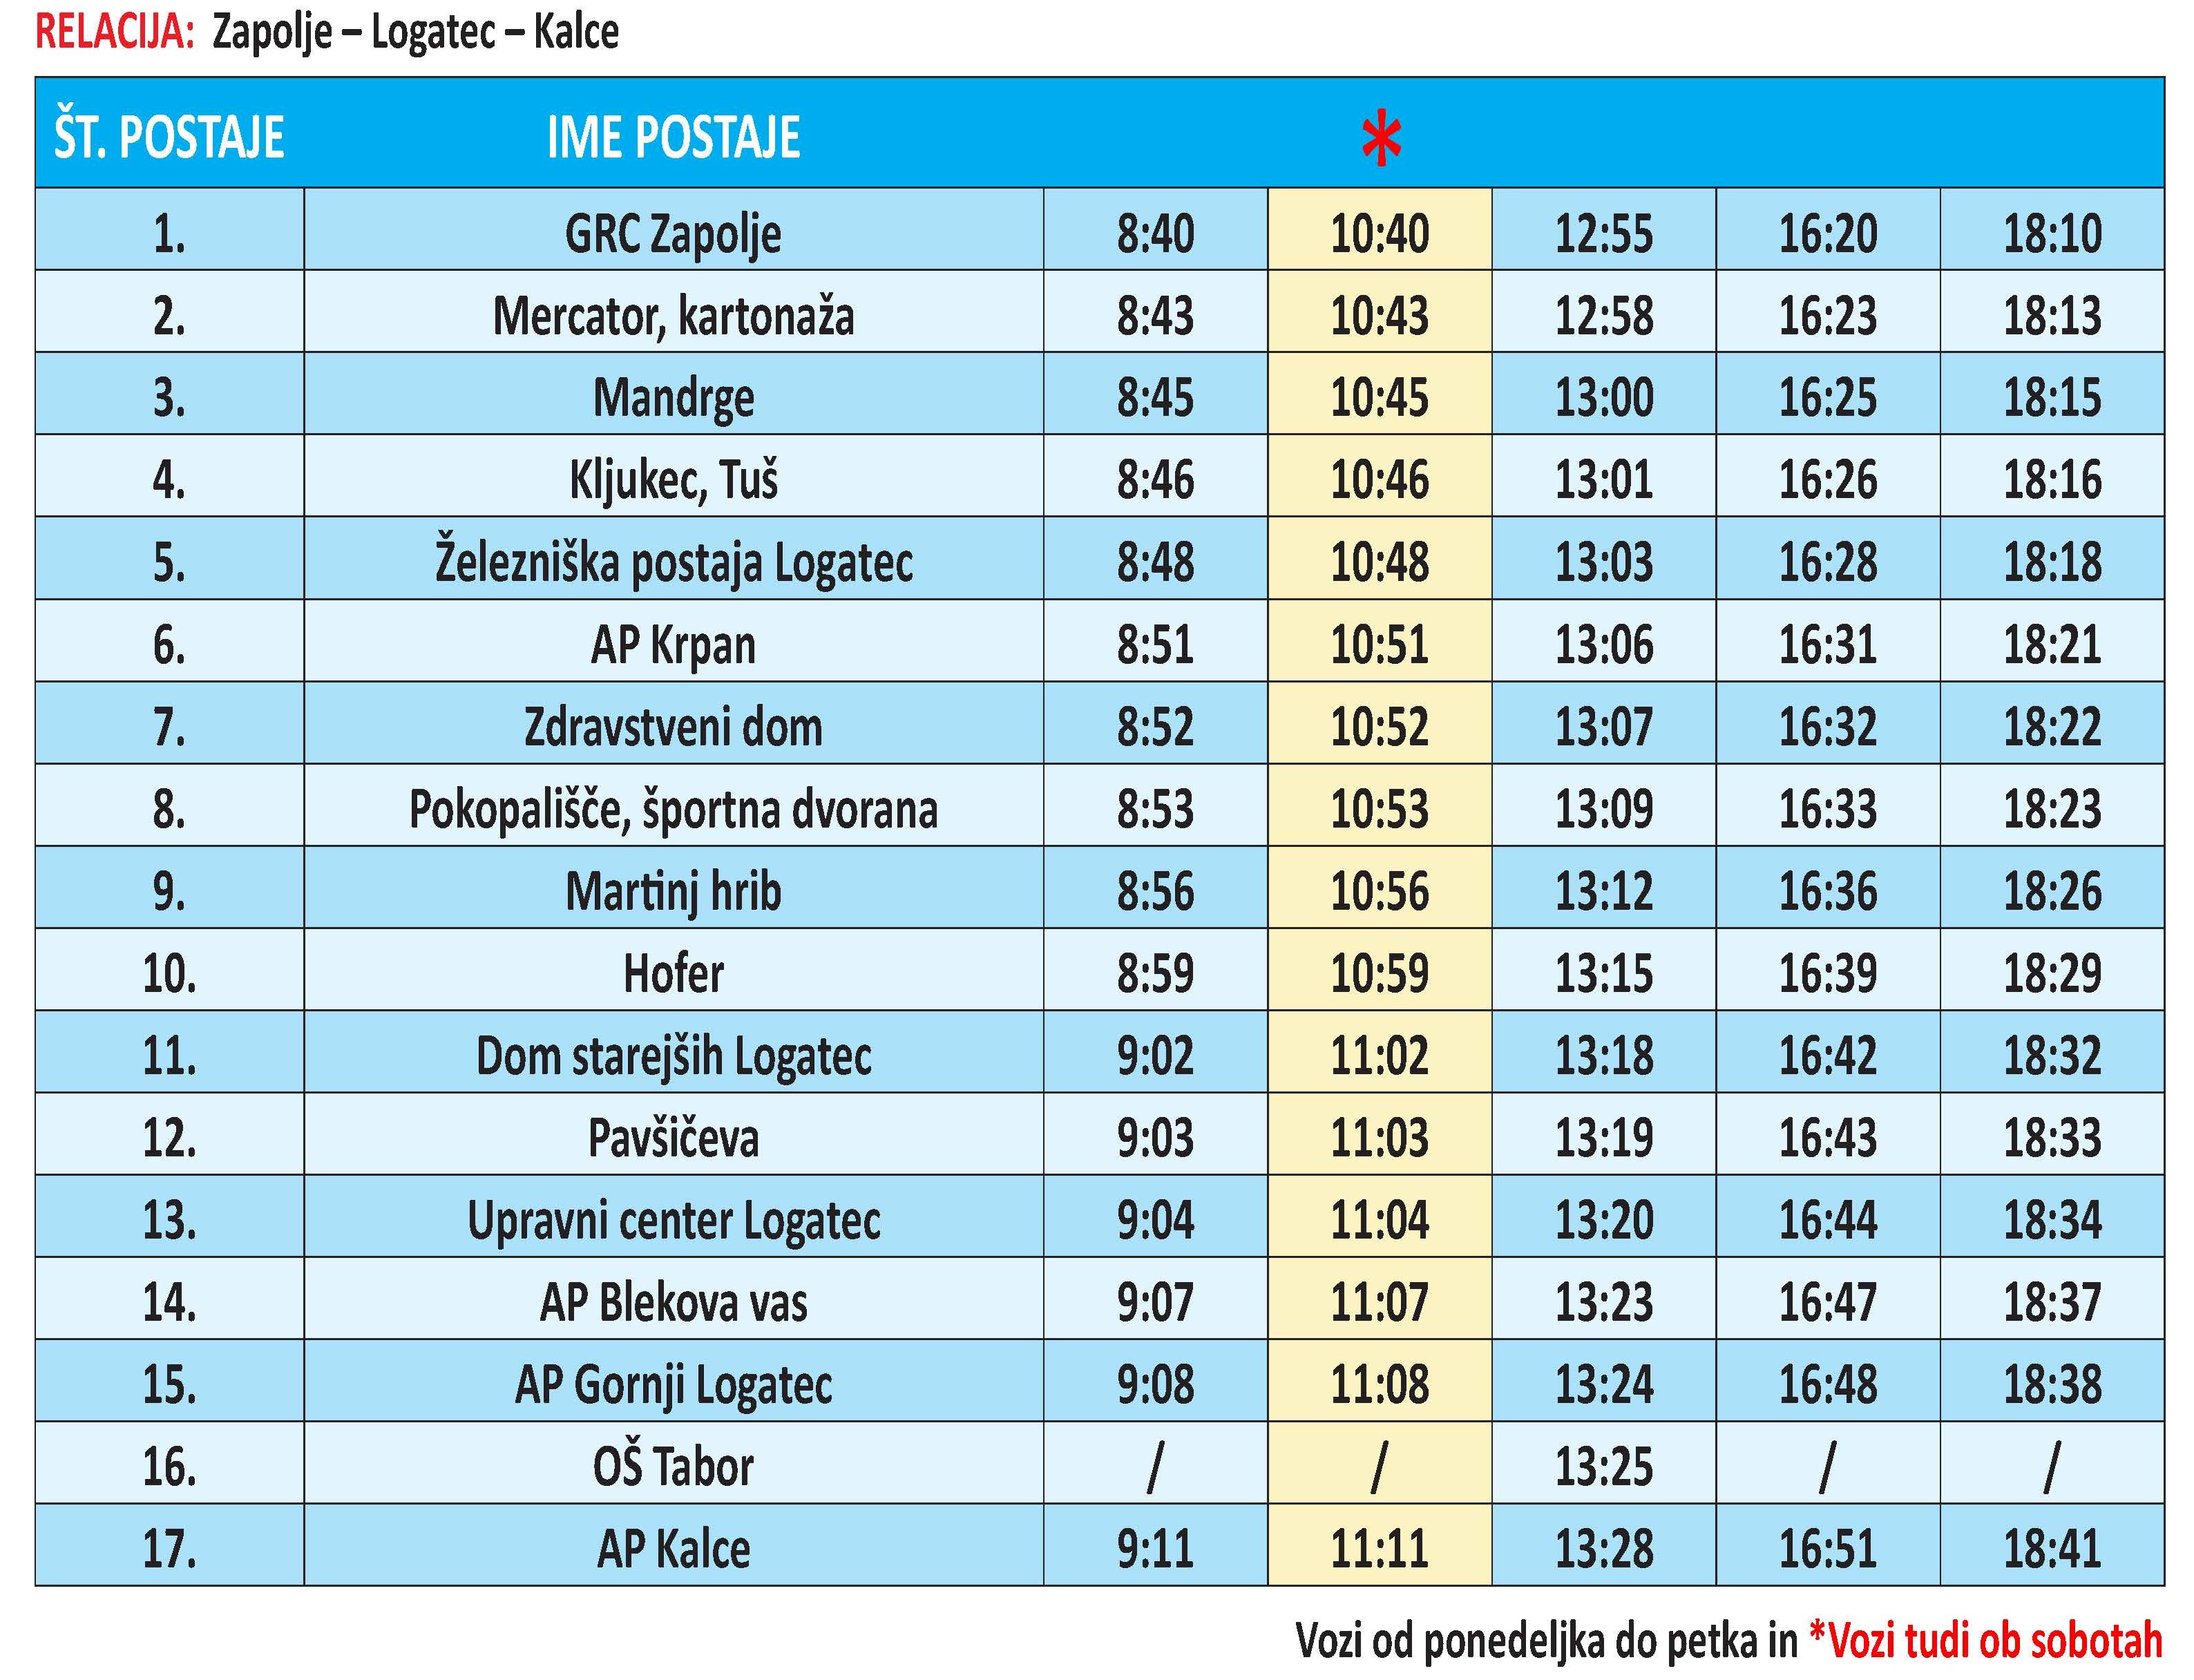 Lokalni vozni red Zapolje - Kalce skozi Logatec